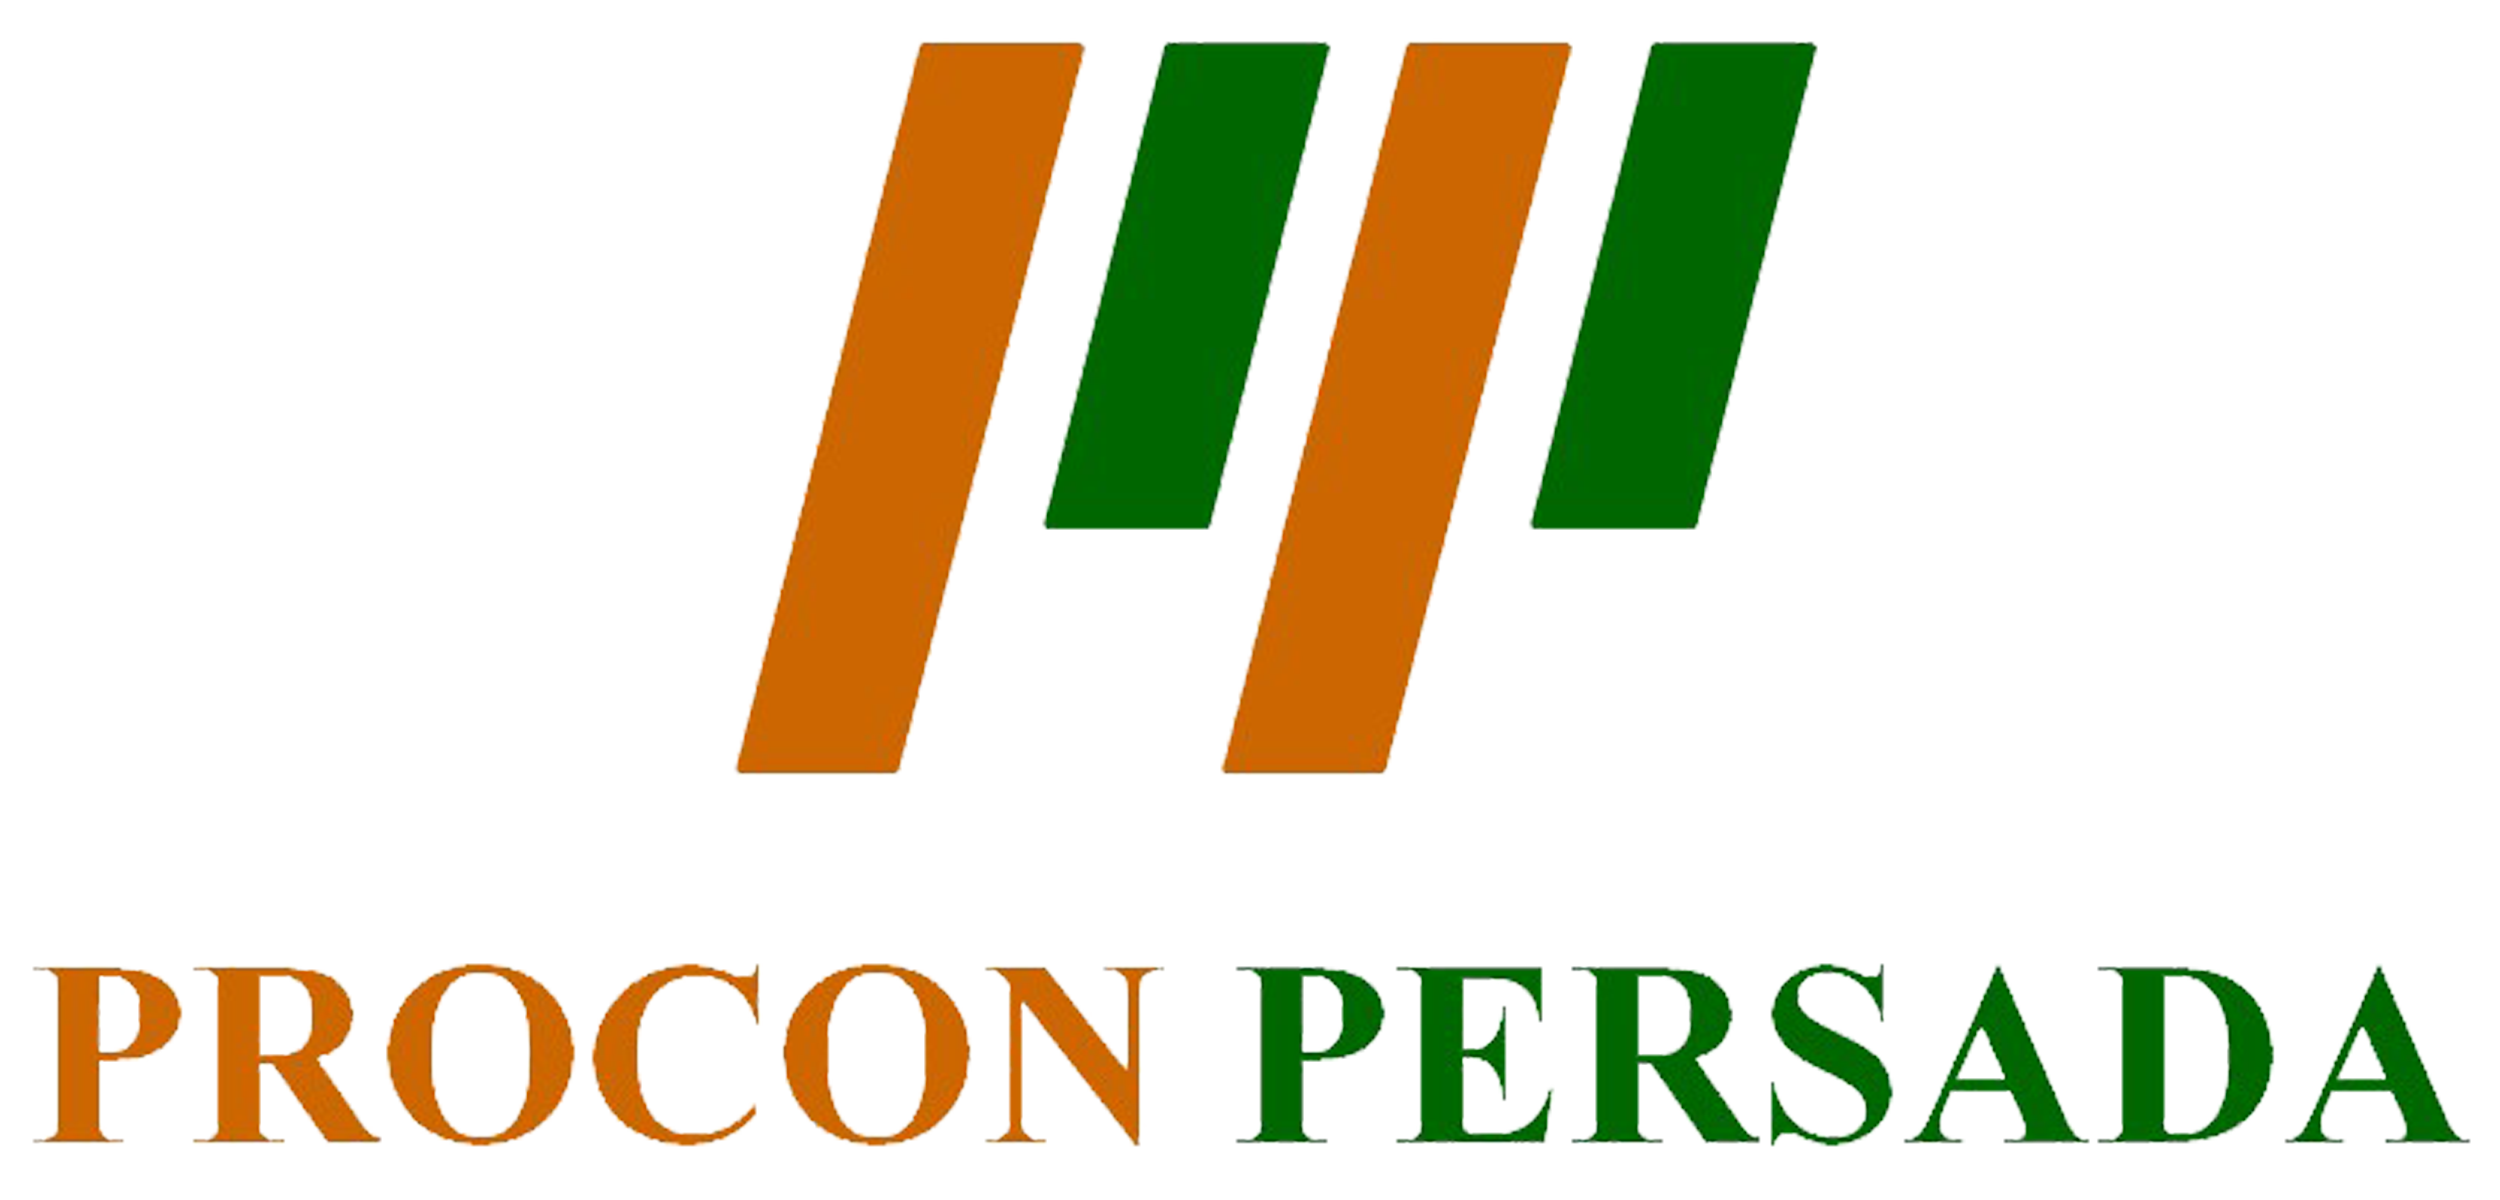 Procon Persada